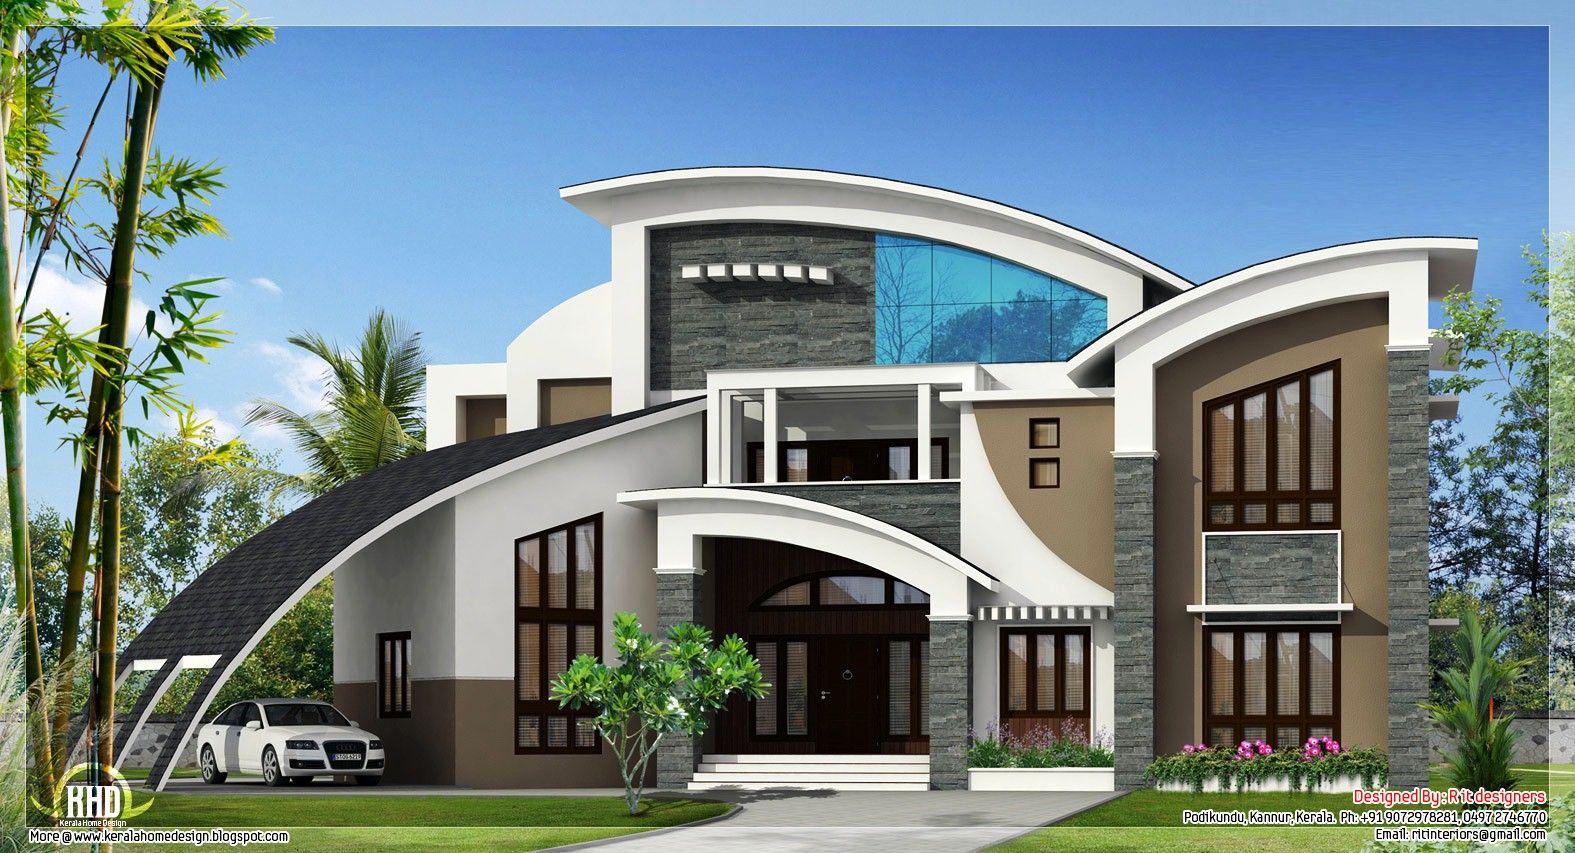 70 Desain Rumah Minimalis Yg Unik Desain Rumah Minimalis